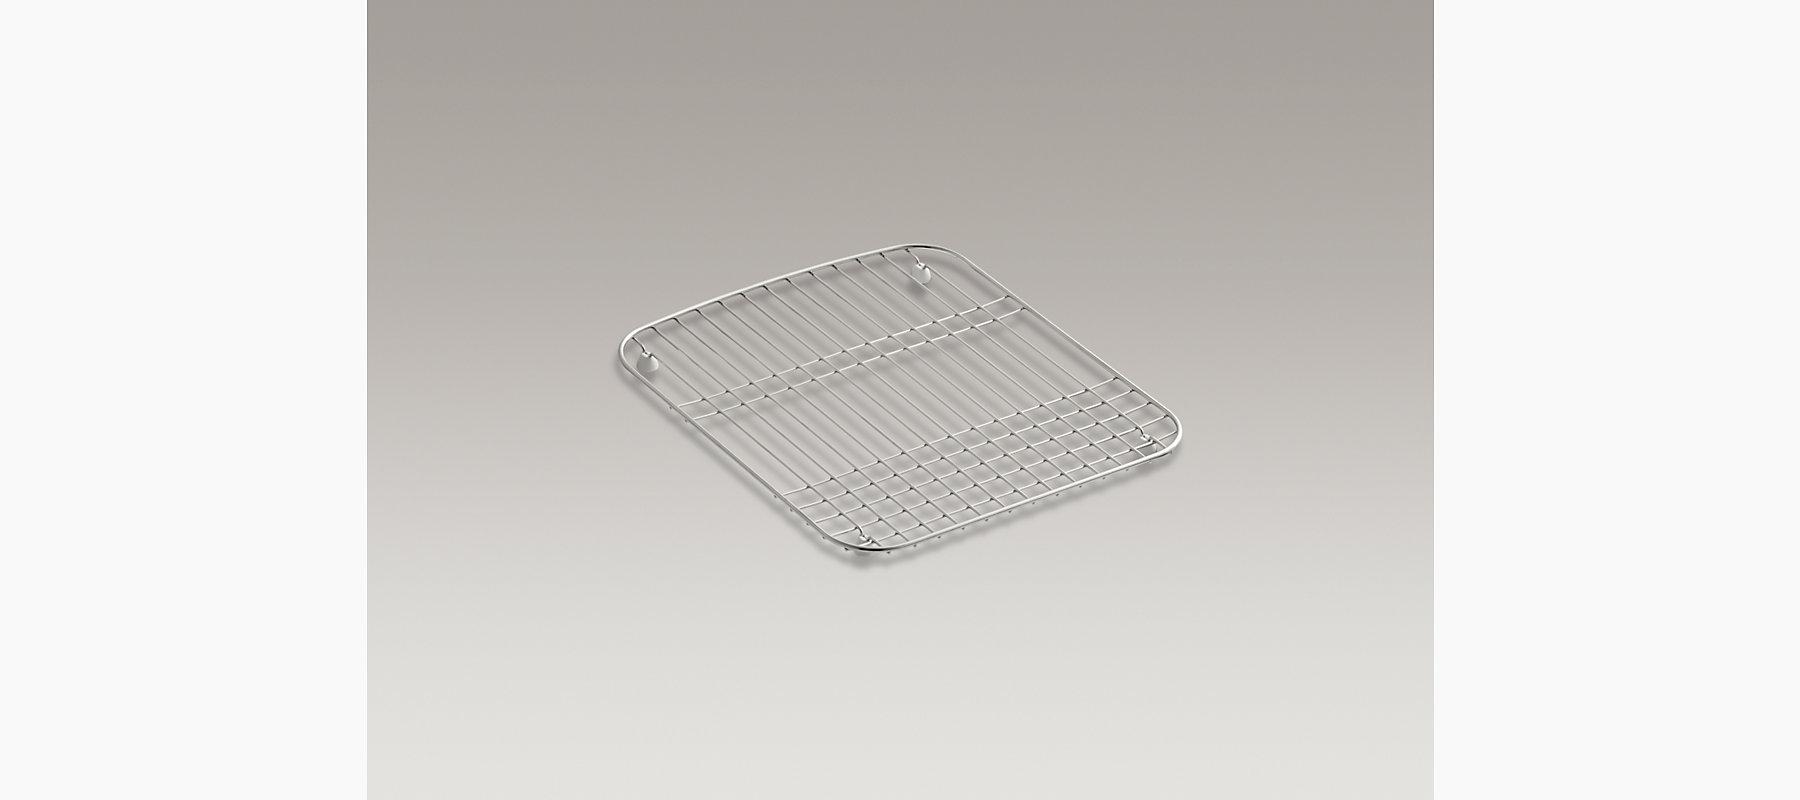 Kohler brookfield kitchen sink - Home Kitchen Kitchen Accessories Sink Racks Baskets Sink Racks